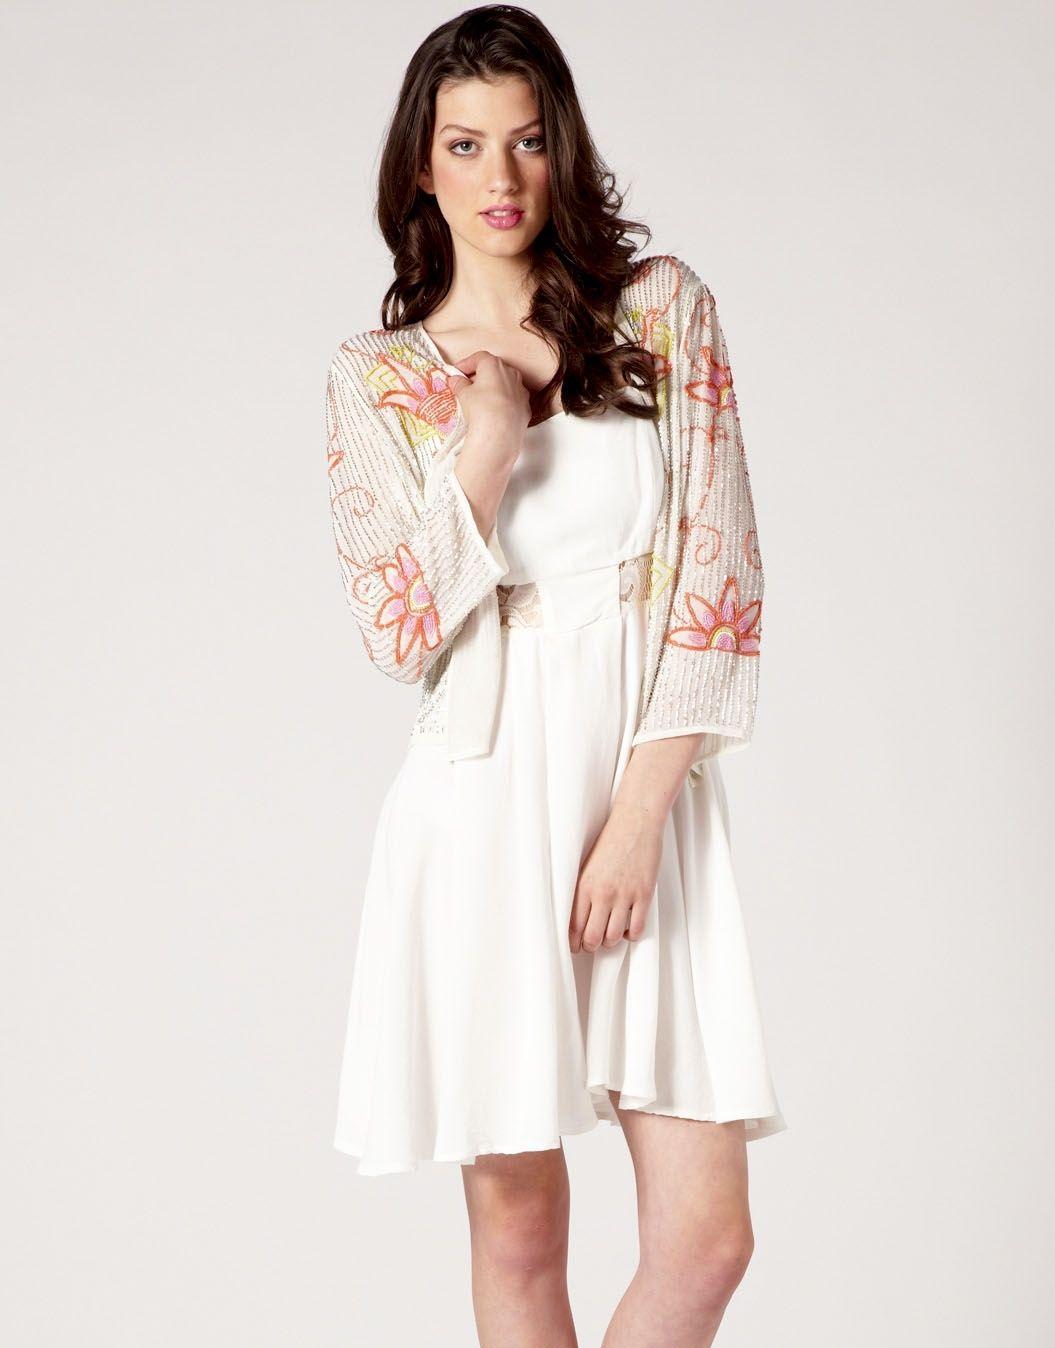 Glassons | Beaded Front Soft Jacket | Soft jacket, Fashion ...